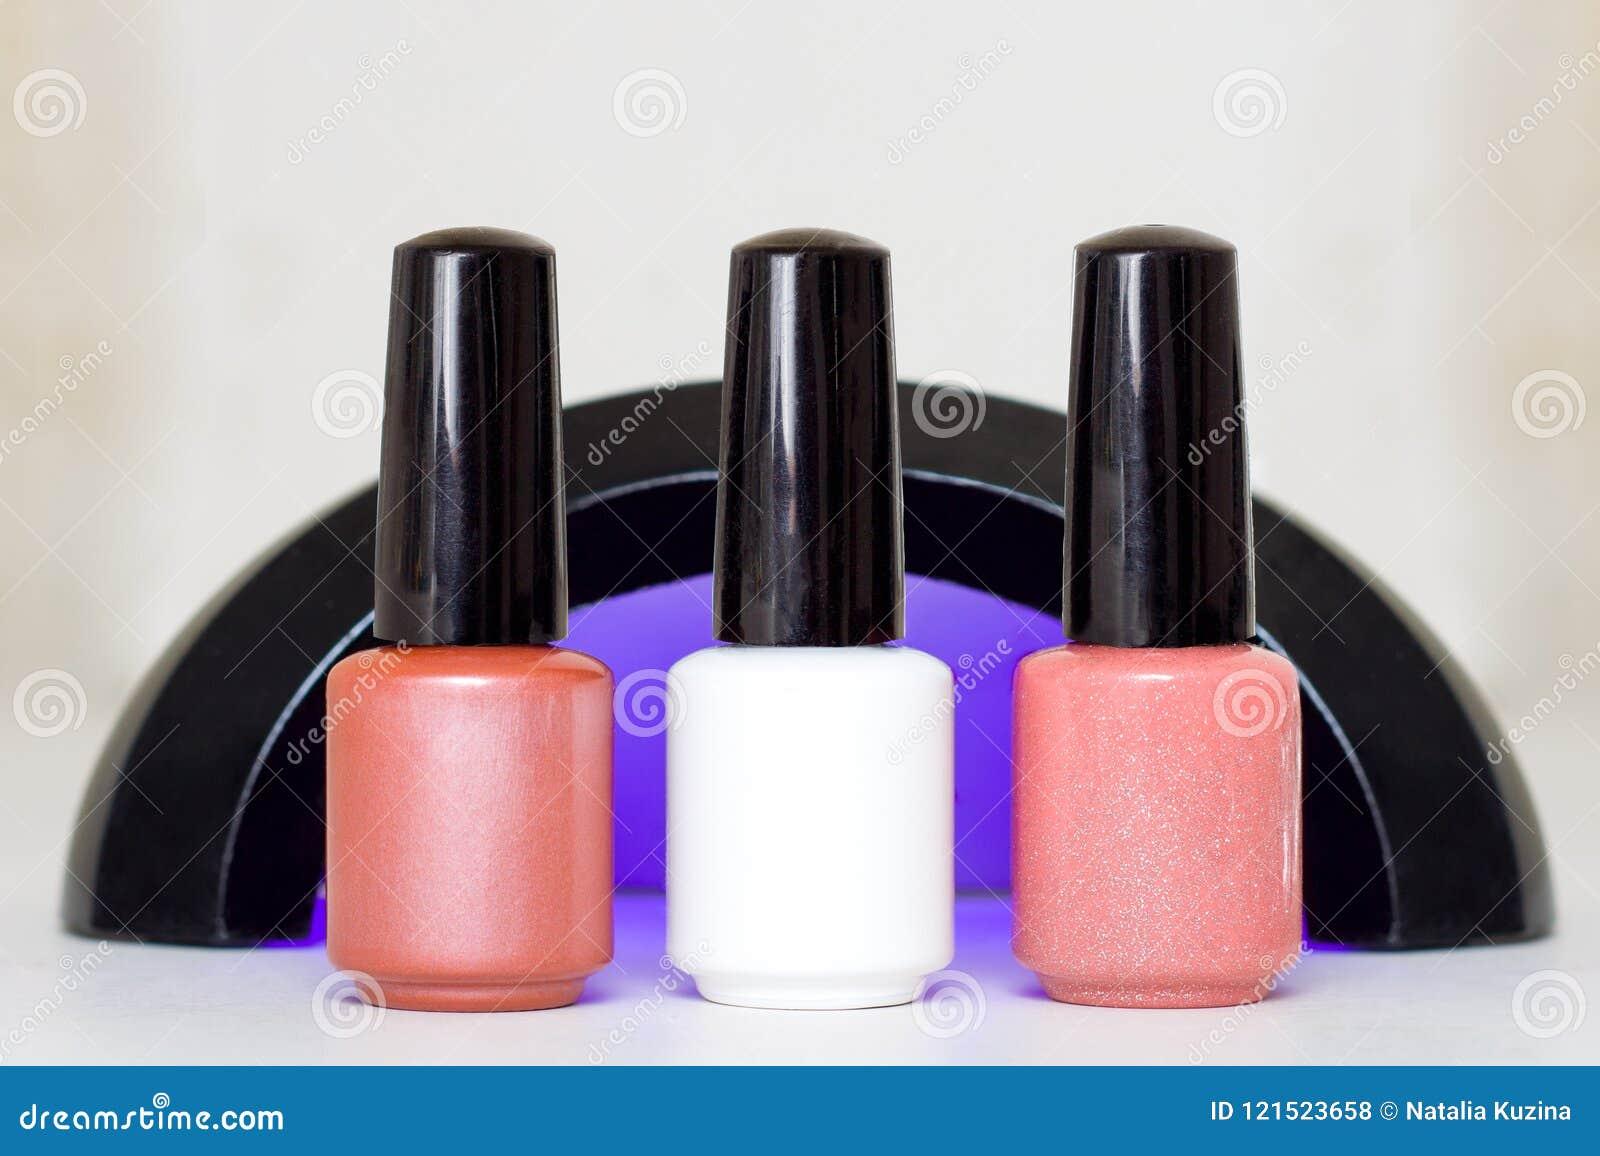 Belleza Moda Y Clavo Art Concept Manicure El Esmalte De